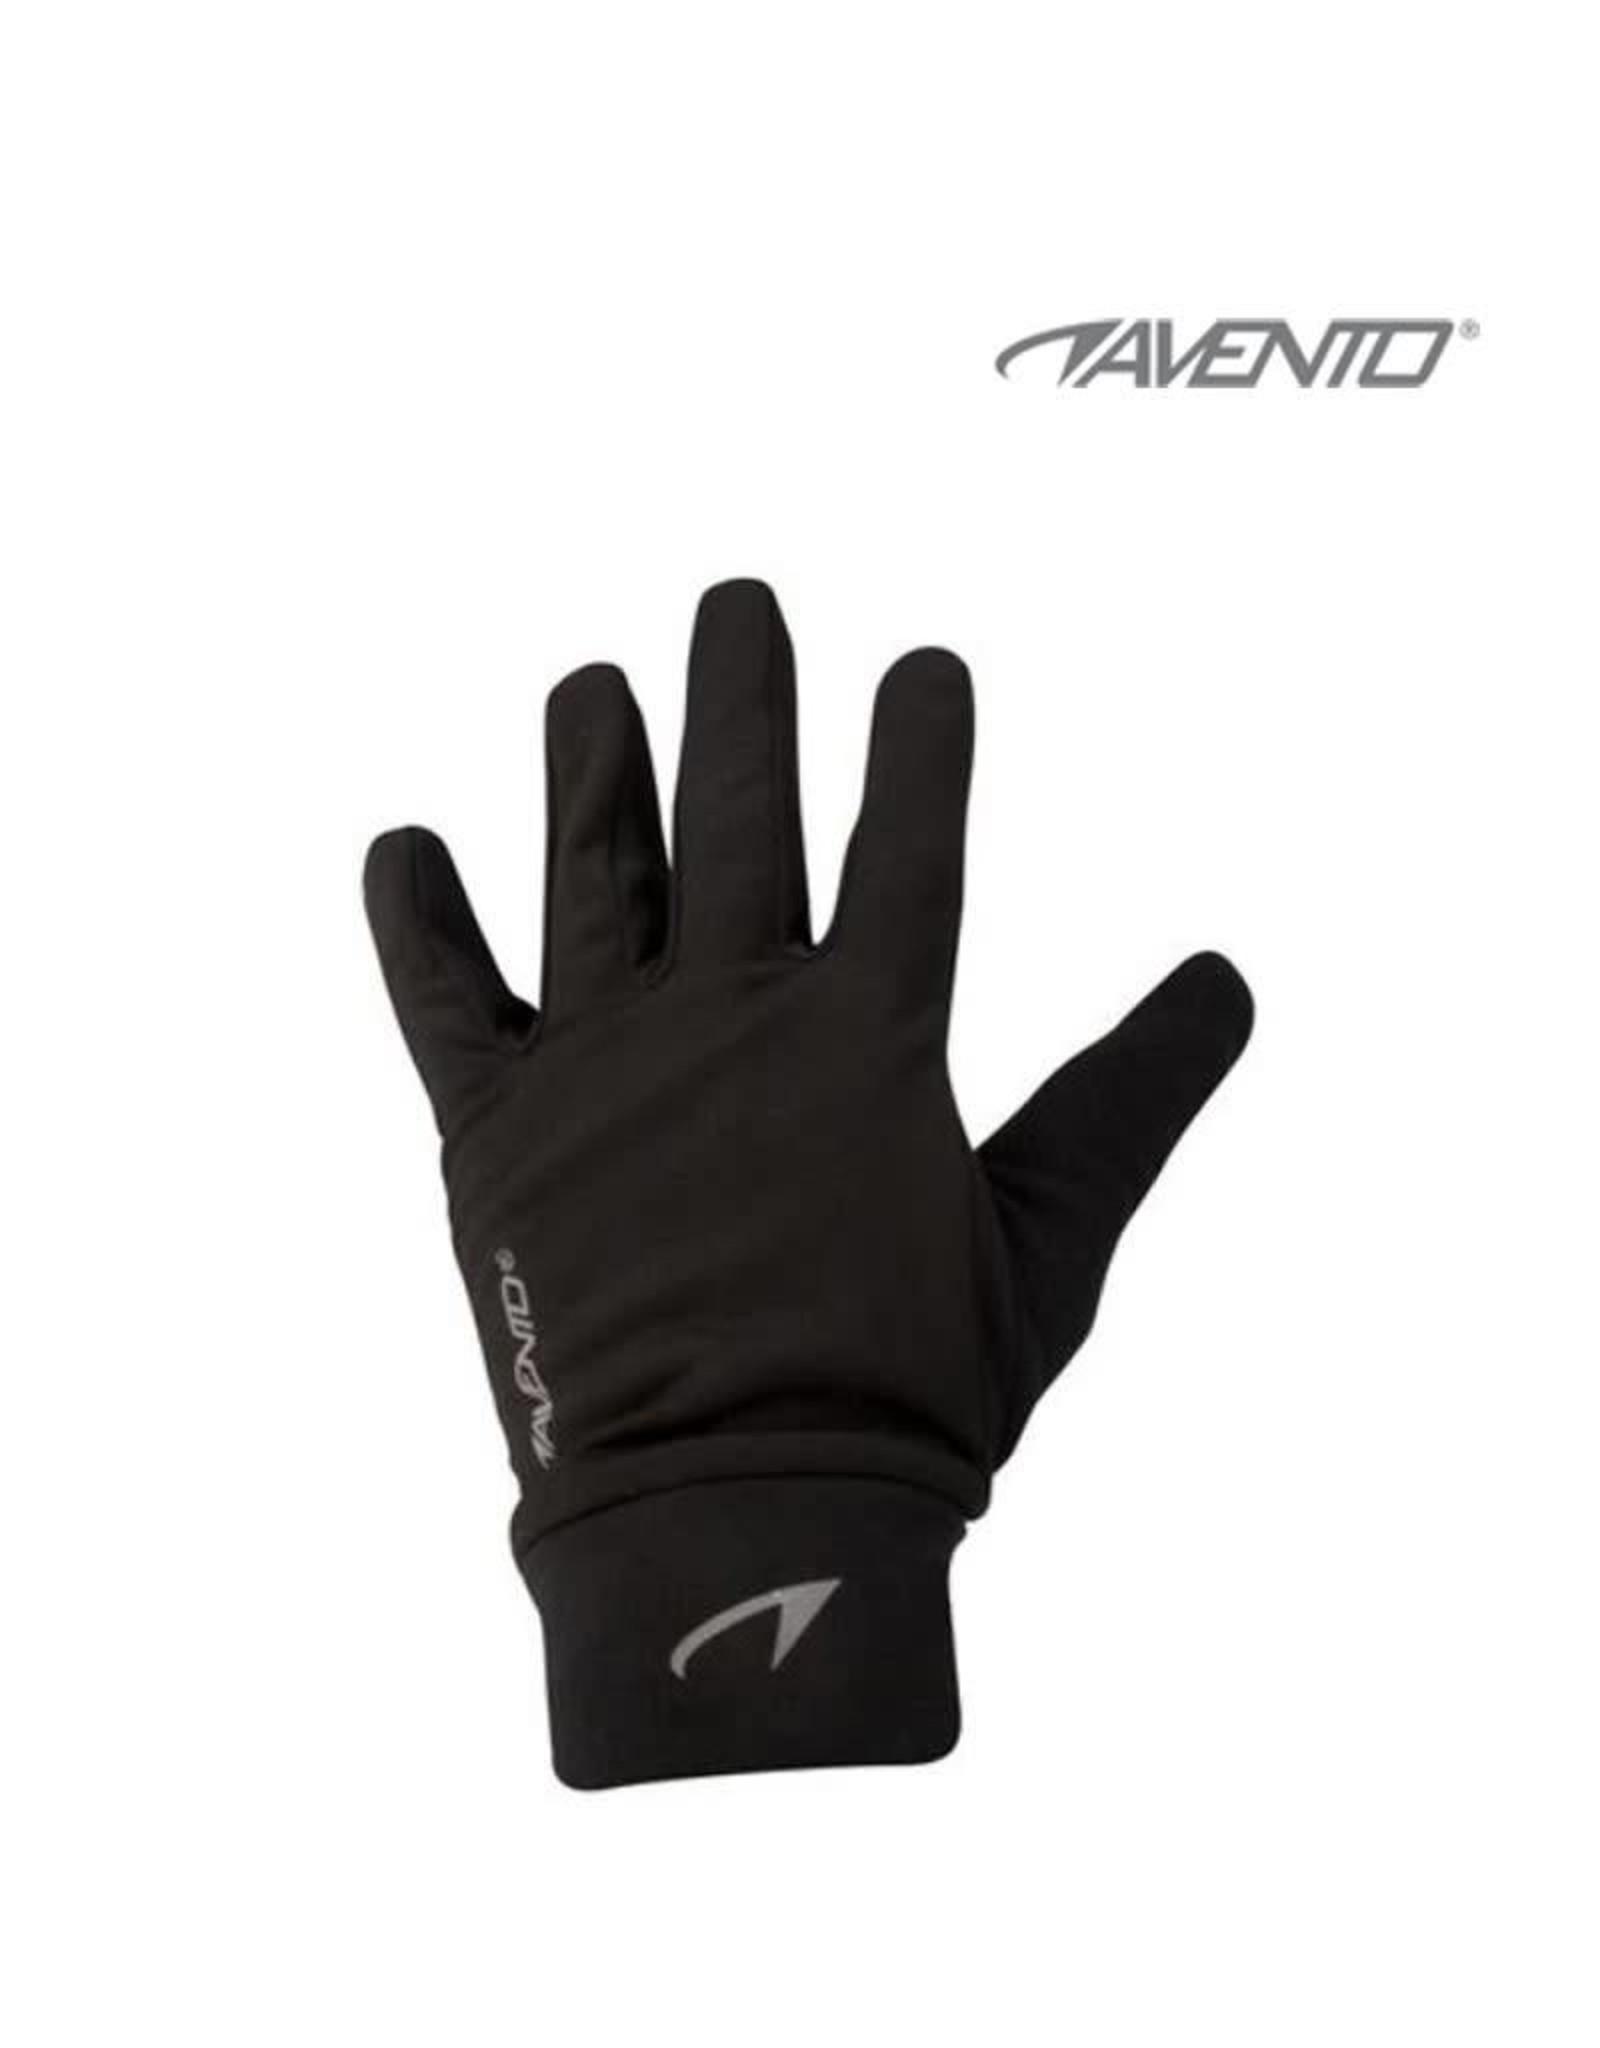 AVENTO AVENTO Sporthandschoenen met touchscreen tip